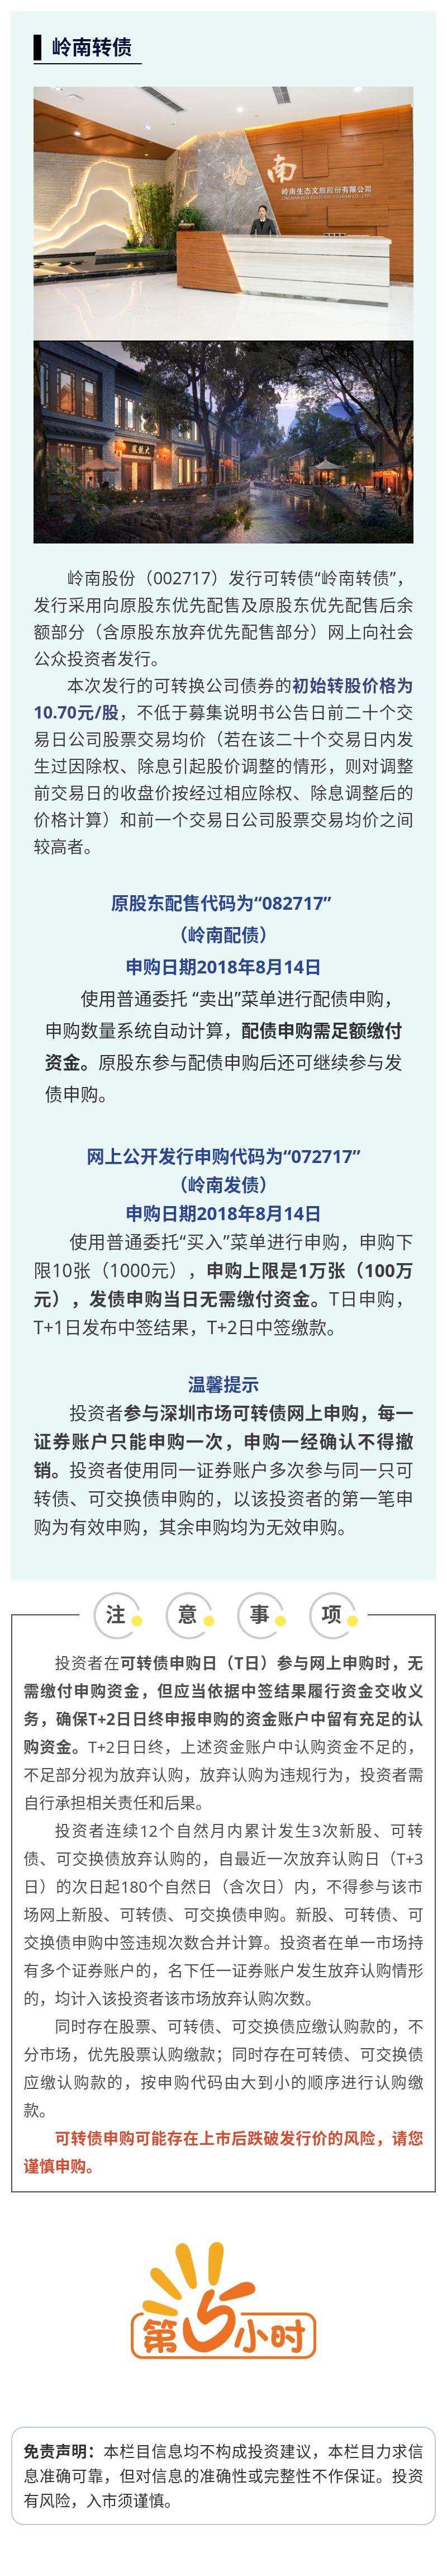 【新债申购】岭南股份(002717)公开发行可转换公司债.jpg